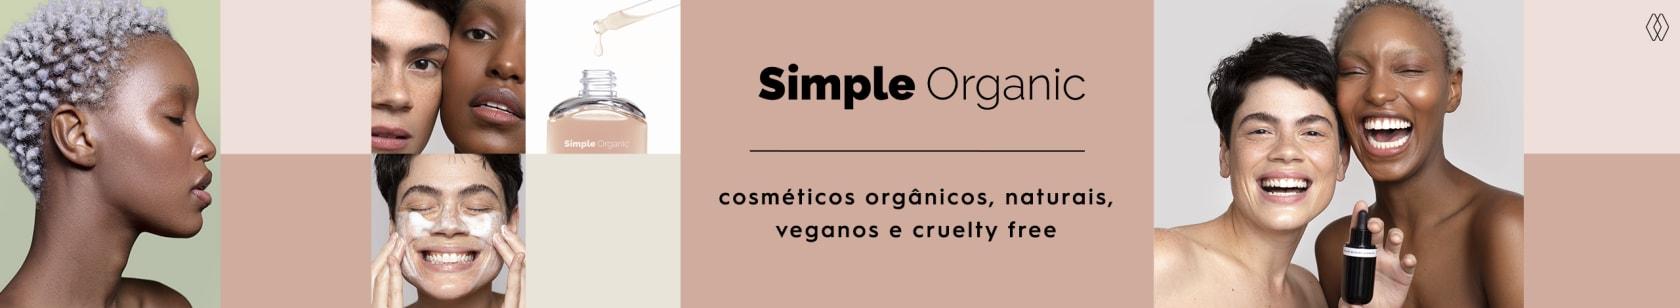 SIMPLE ORGANIC | AMARO